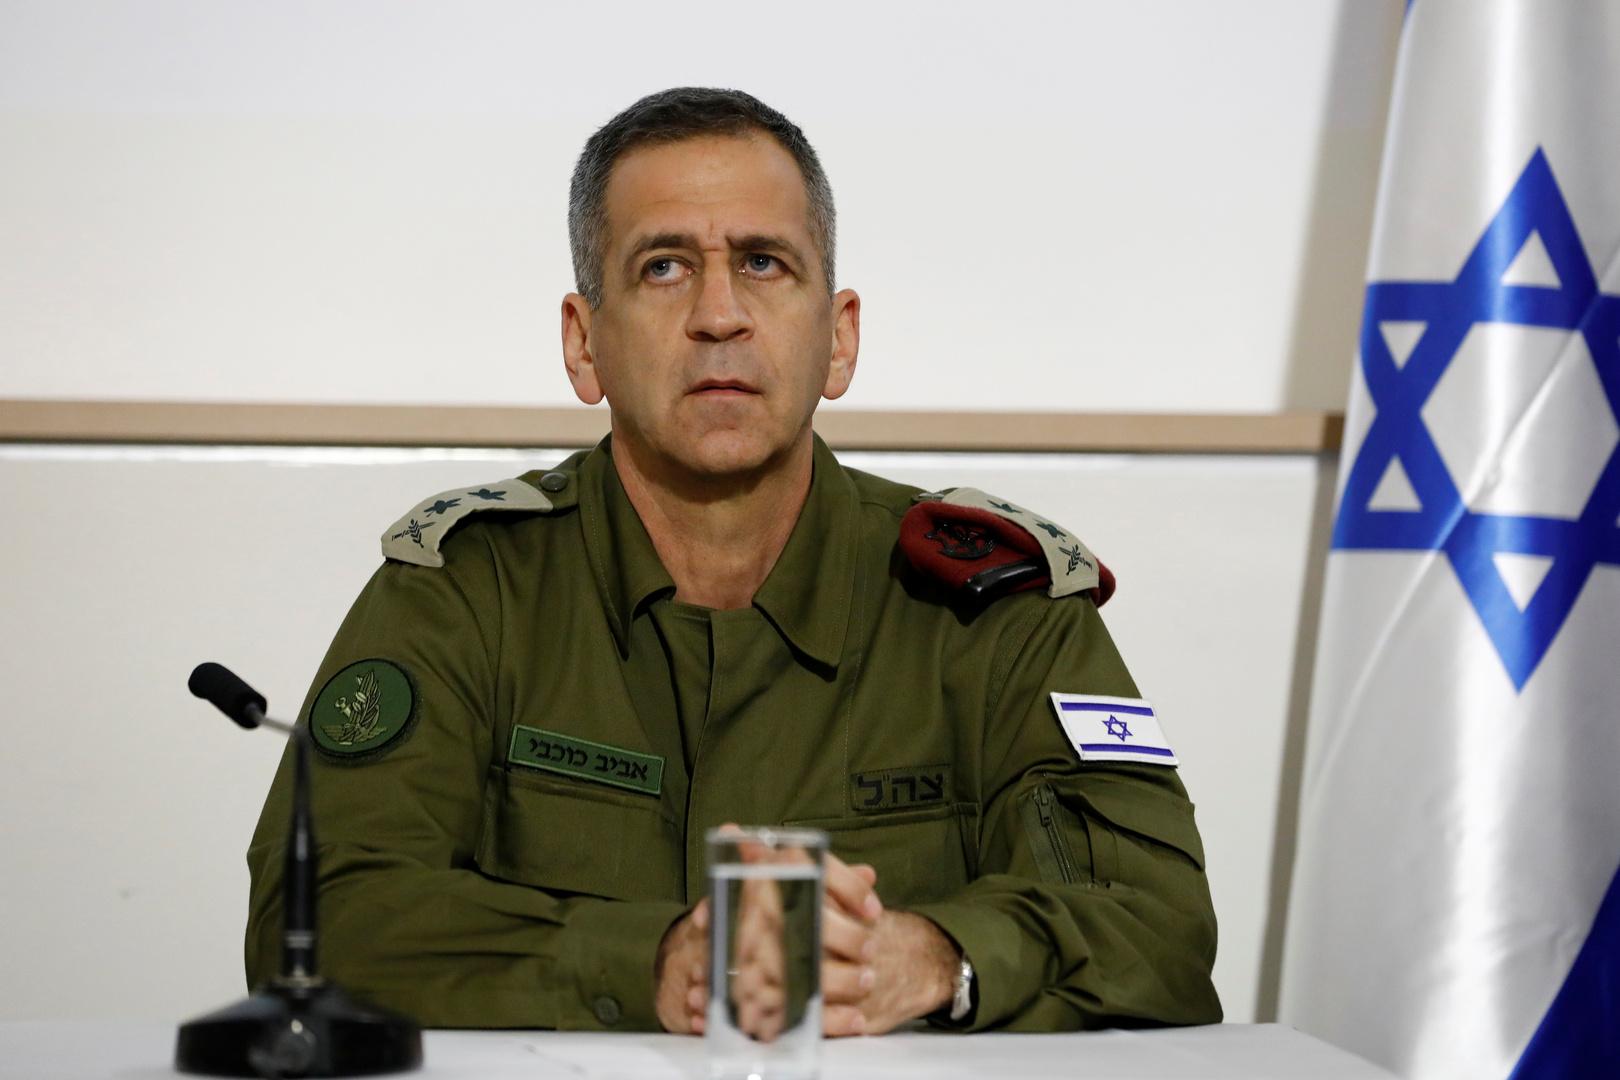 مراسلتنا: رئيس أركان الجيش الإسرائيلي يدخل الحجر الصحي